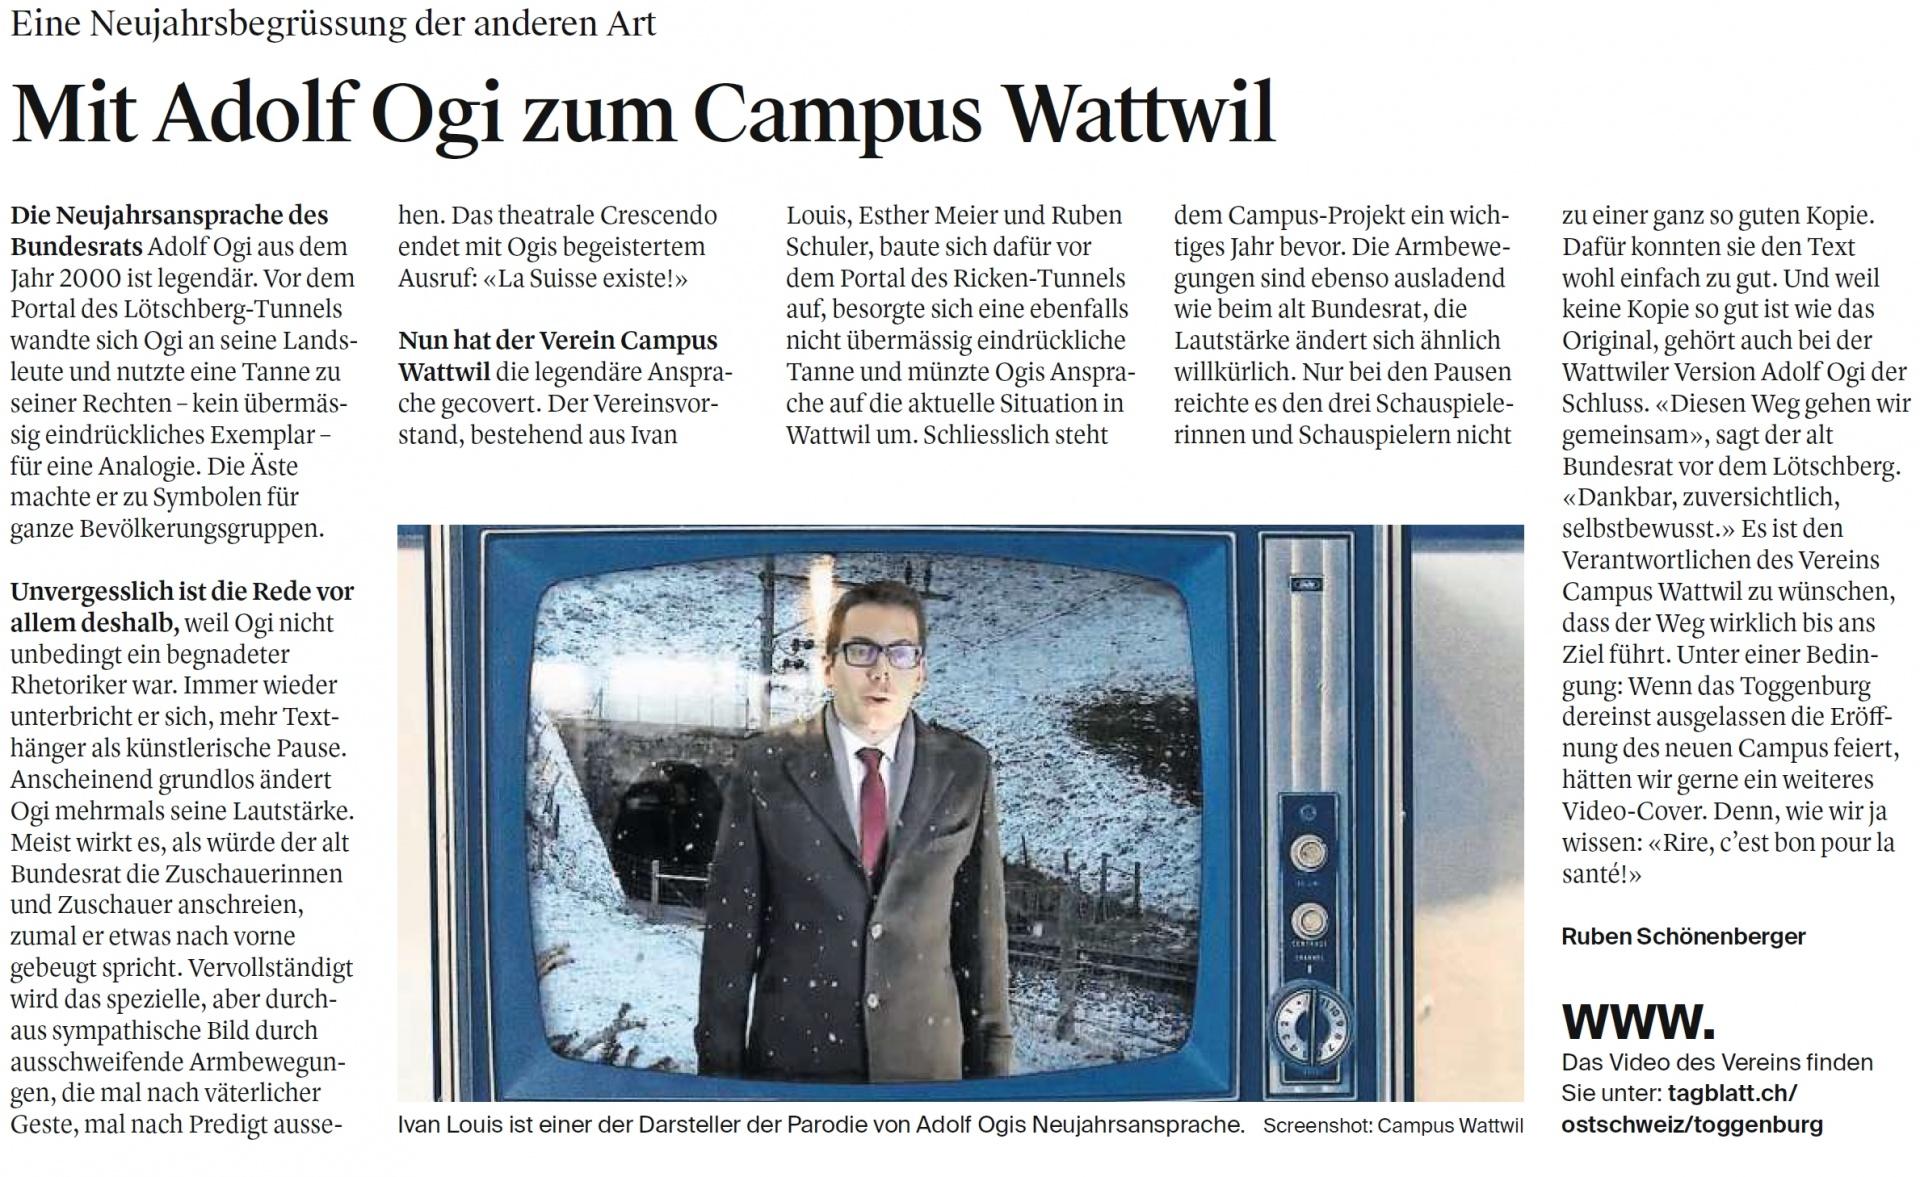 Mit Adolf Ogi zum Campus Wattwil (Freitag, 04.01.2019)